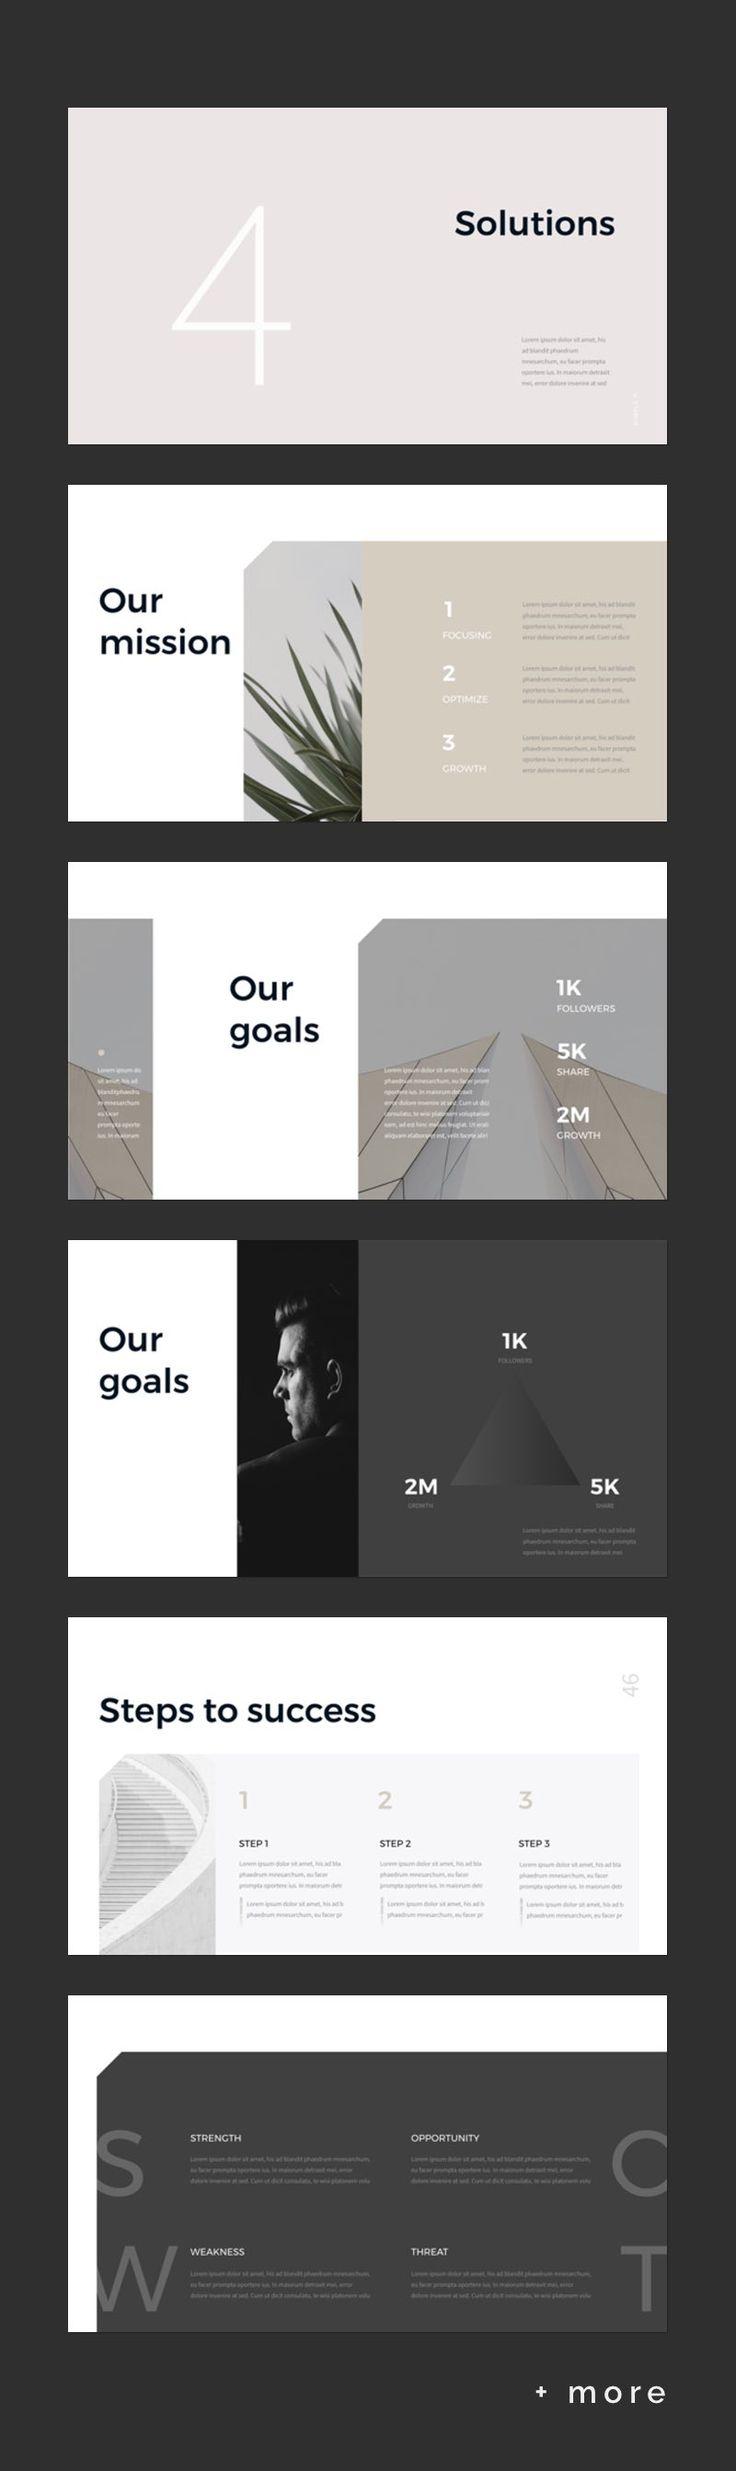 Simple & Minimal Presentation Template